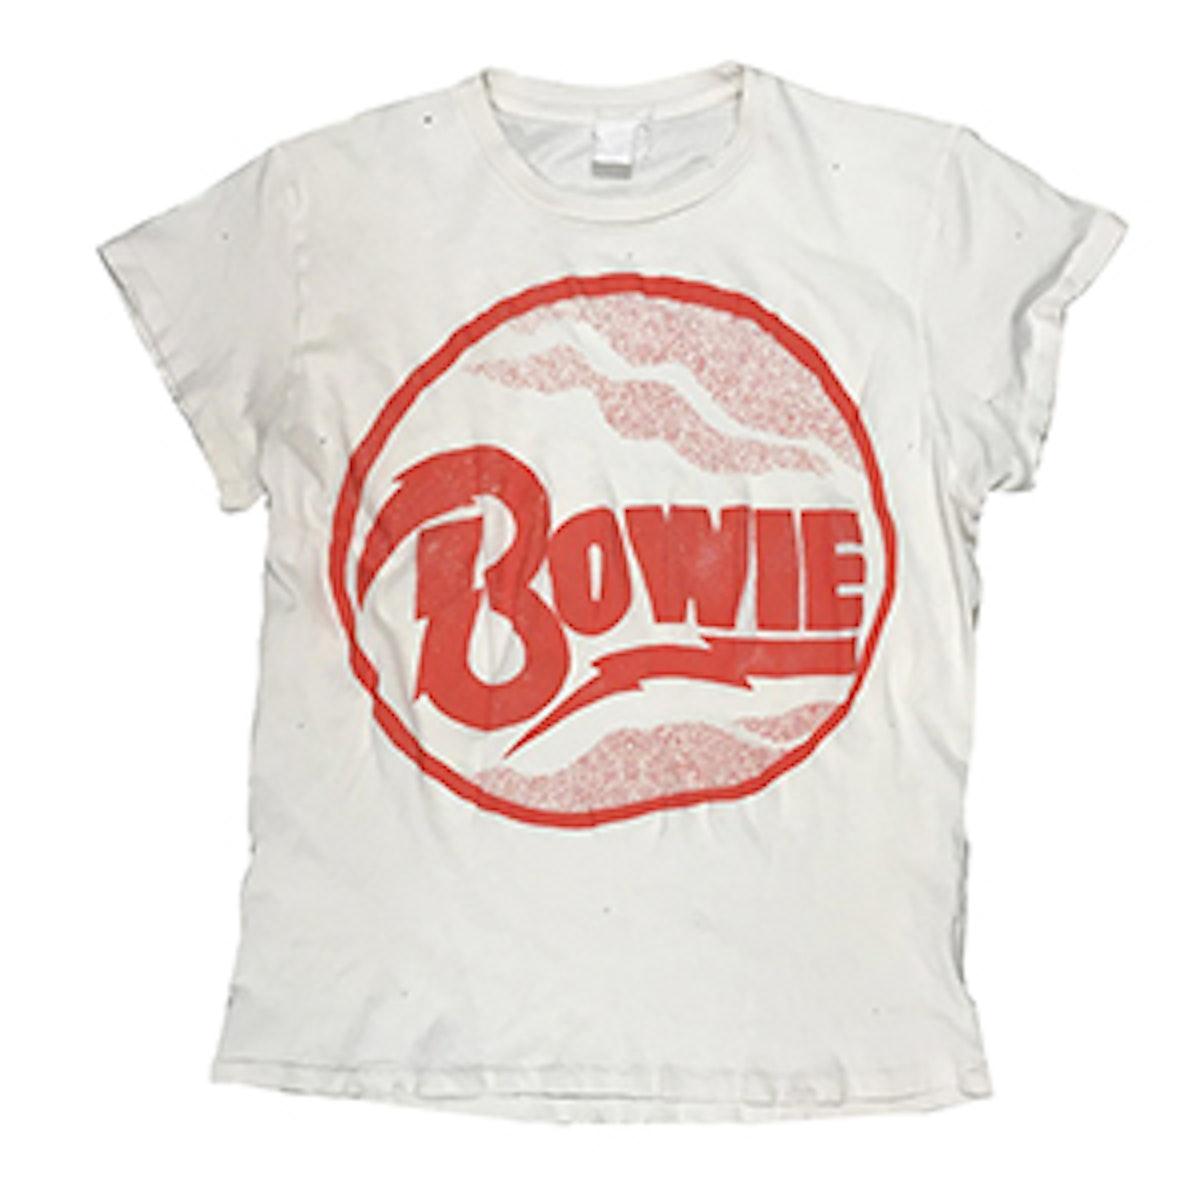 David Bowie Red Circle Logo Tee